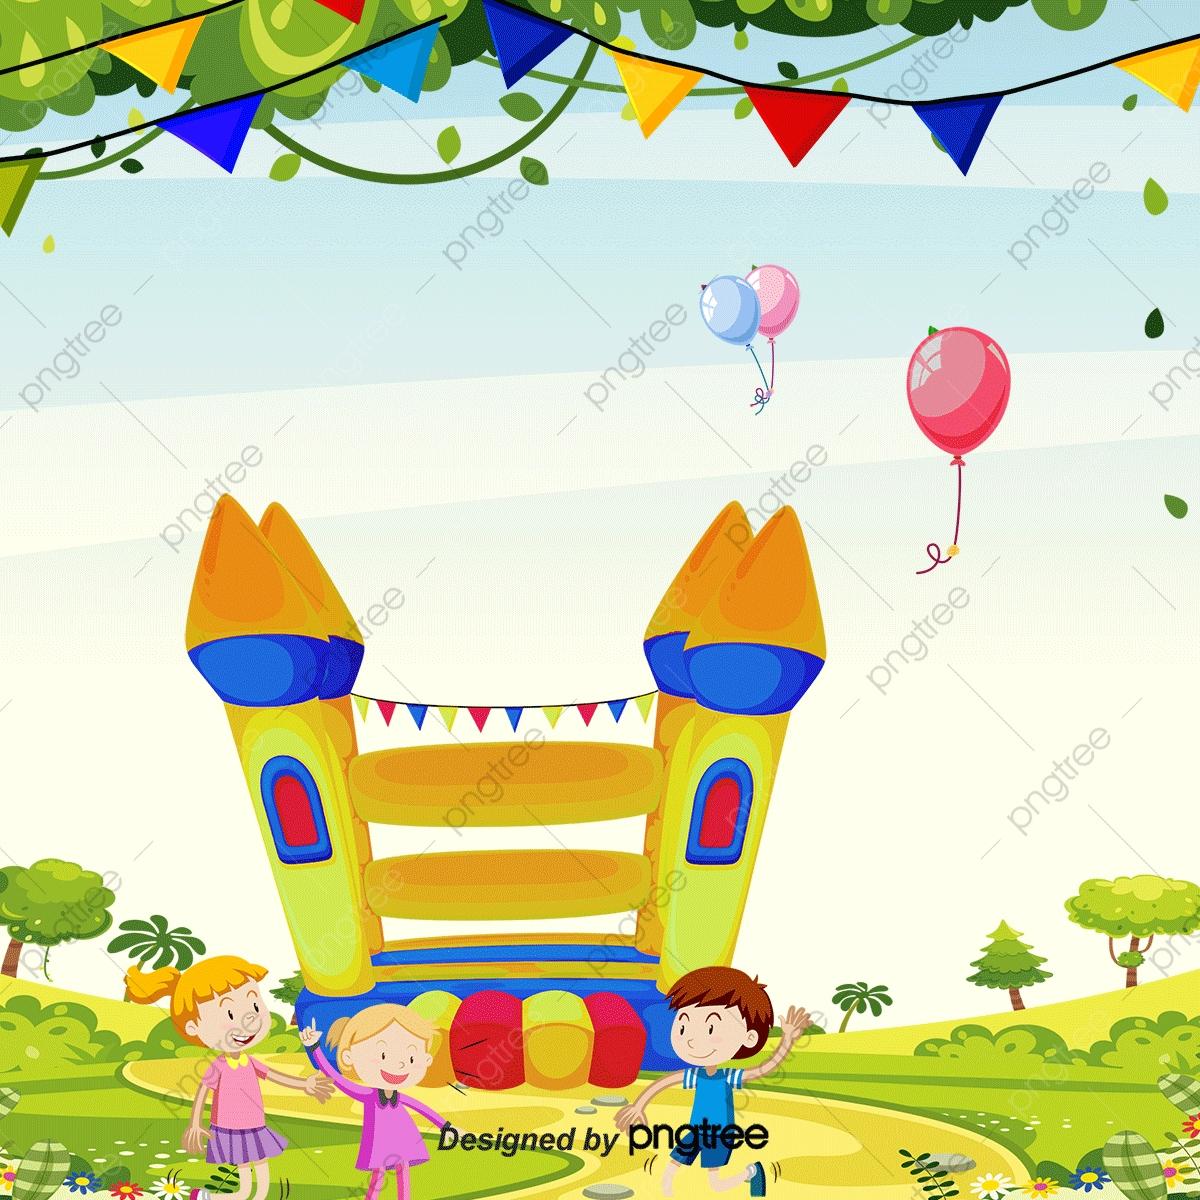 Jeu D'enfant, Les Enfants, Parc D'attractions, Dessin avec Jeux D Enfans Gratuit